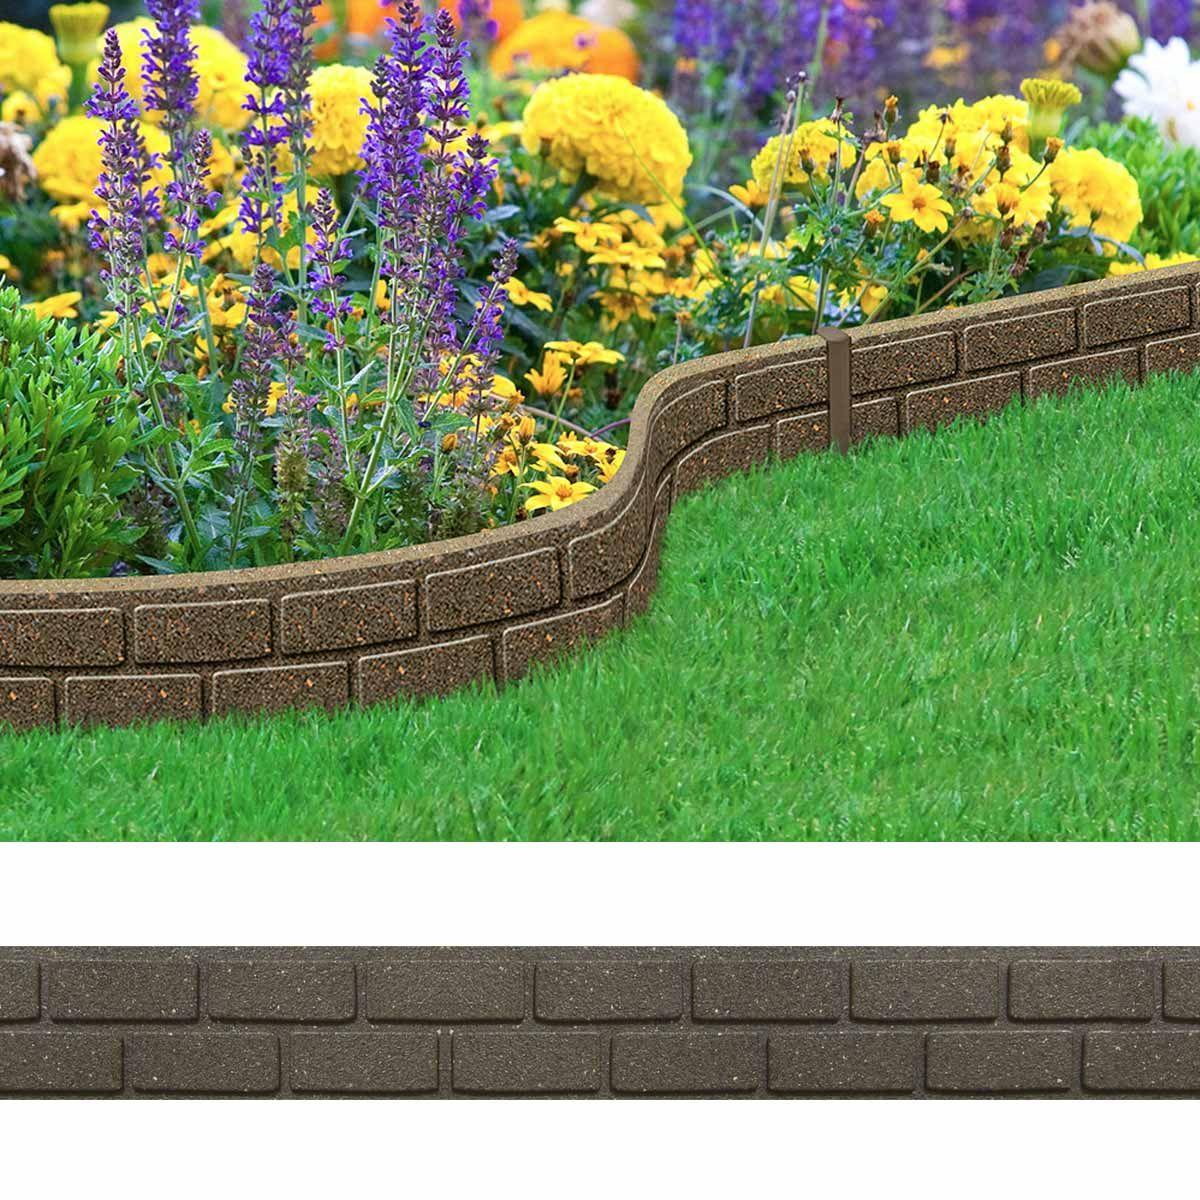 Bordure De Jardin Effet Briques 120Cm - Caoutchouc Recyclã ... tout Bordure De Jardin